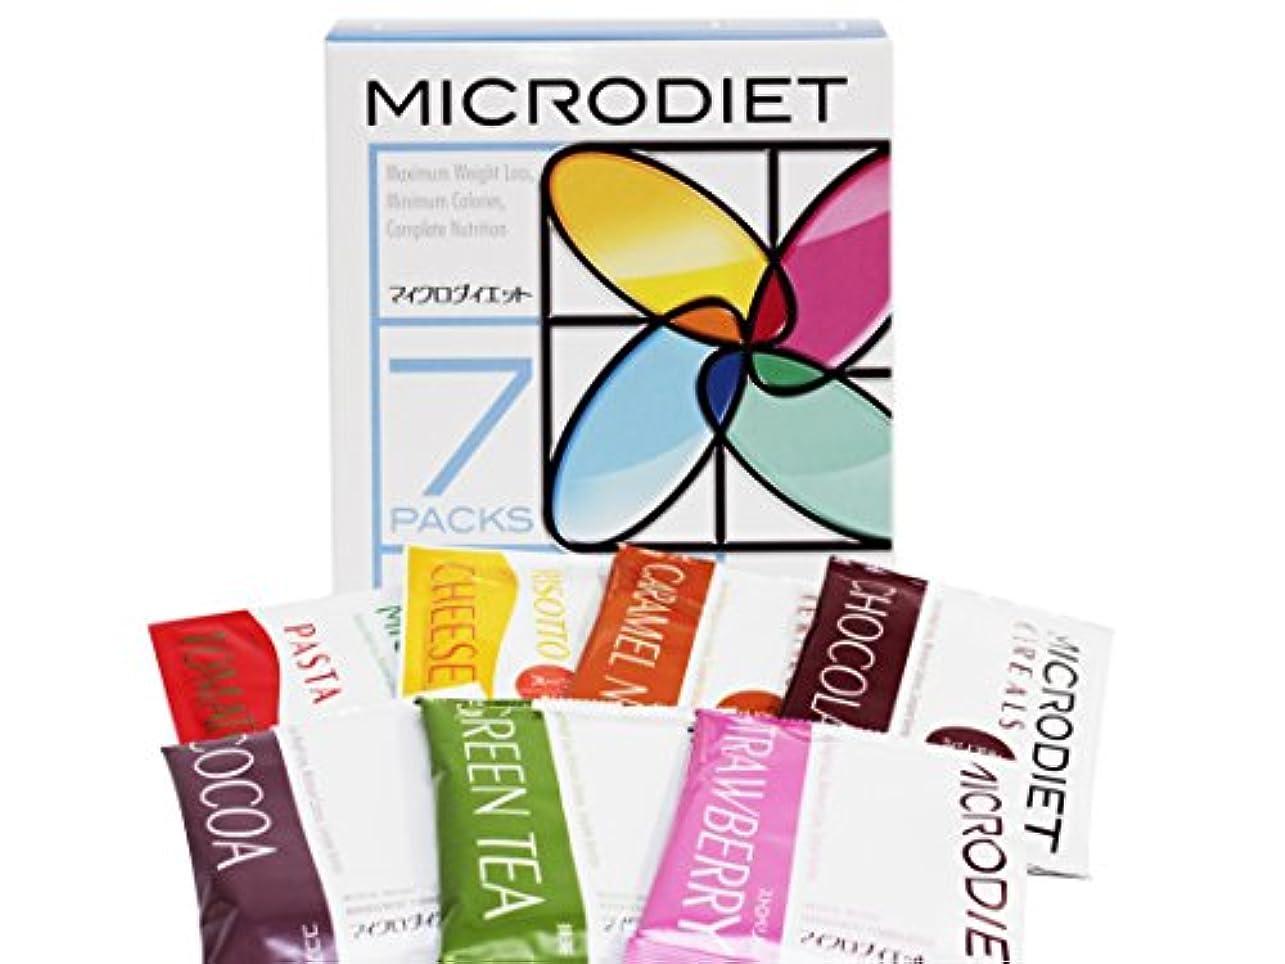 マイクロダイエット 1週間チャレンジセット(7食)[07337] お試し ダイエット 食品 ドリンク リゾット パスタ シリアル